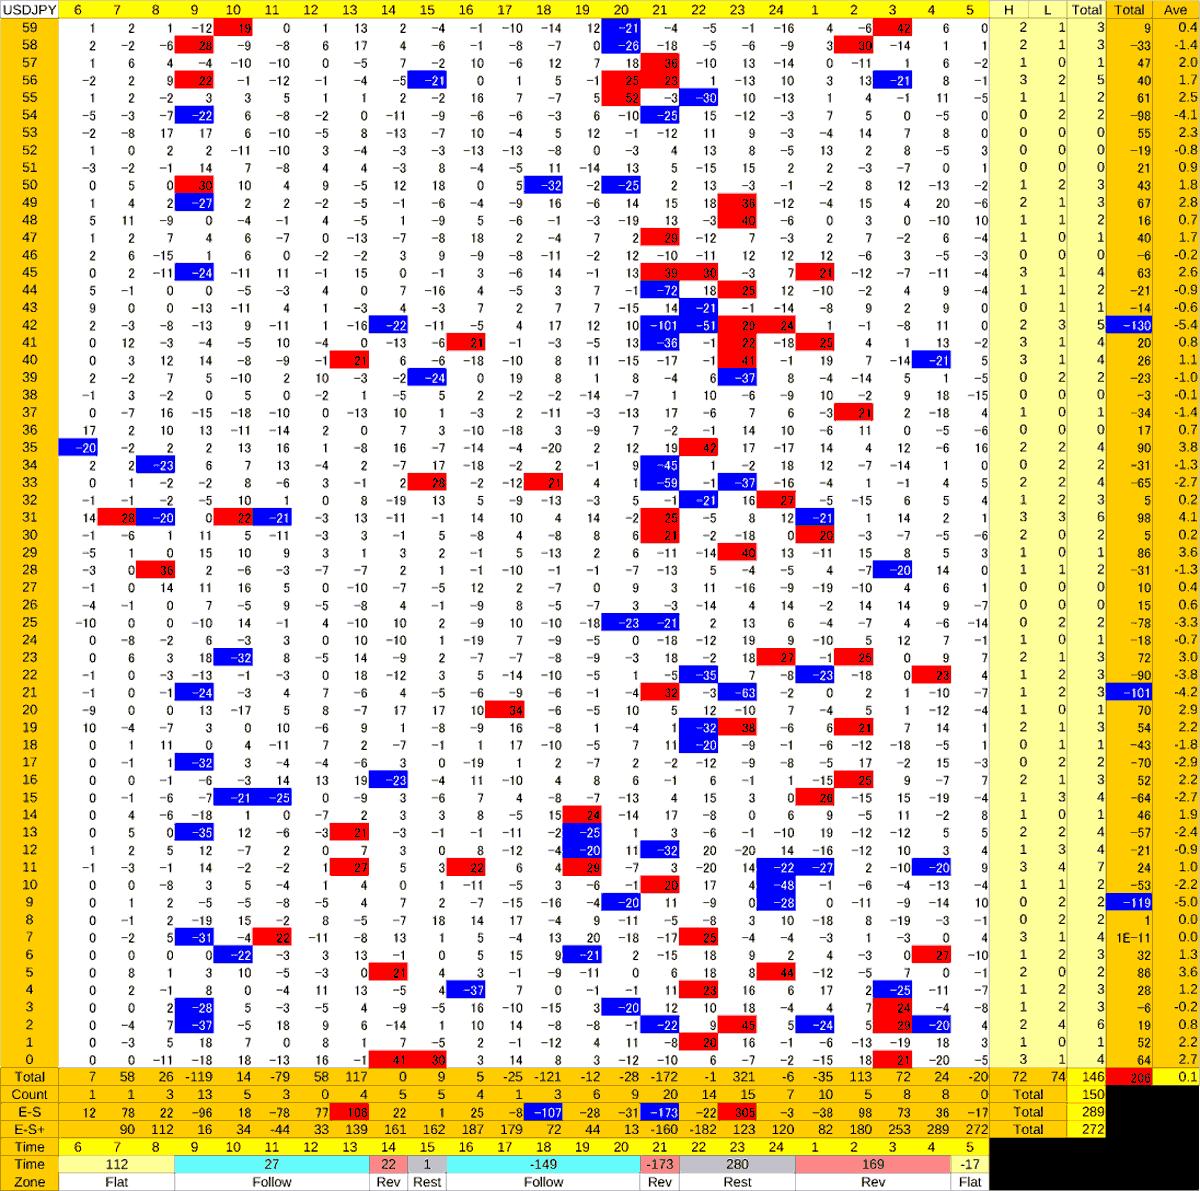 20200604_HS(1)USDJPY